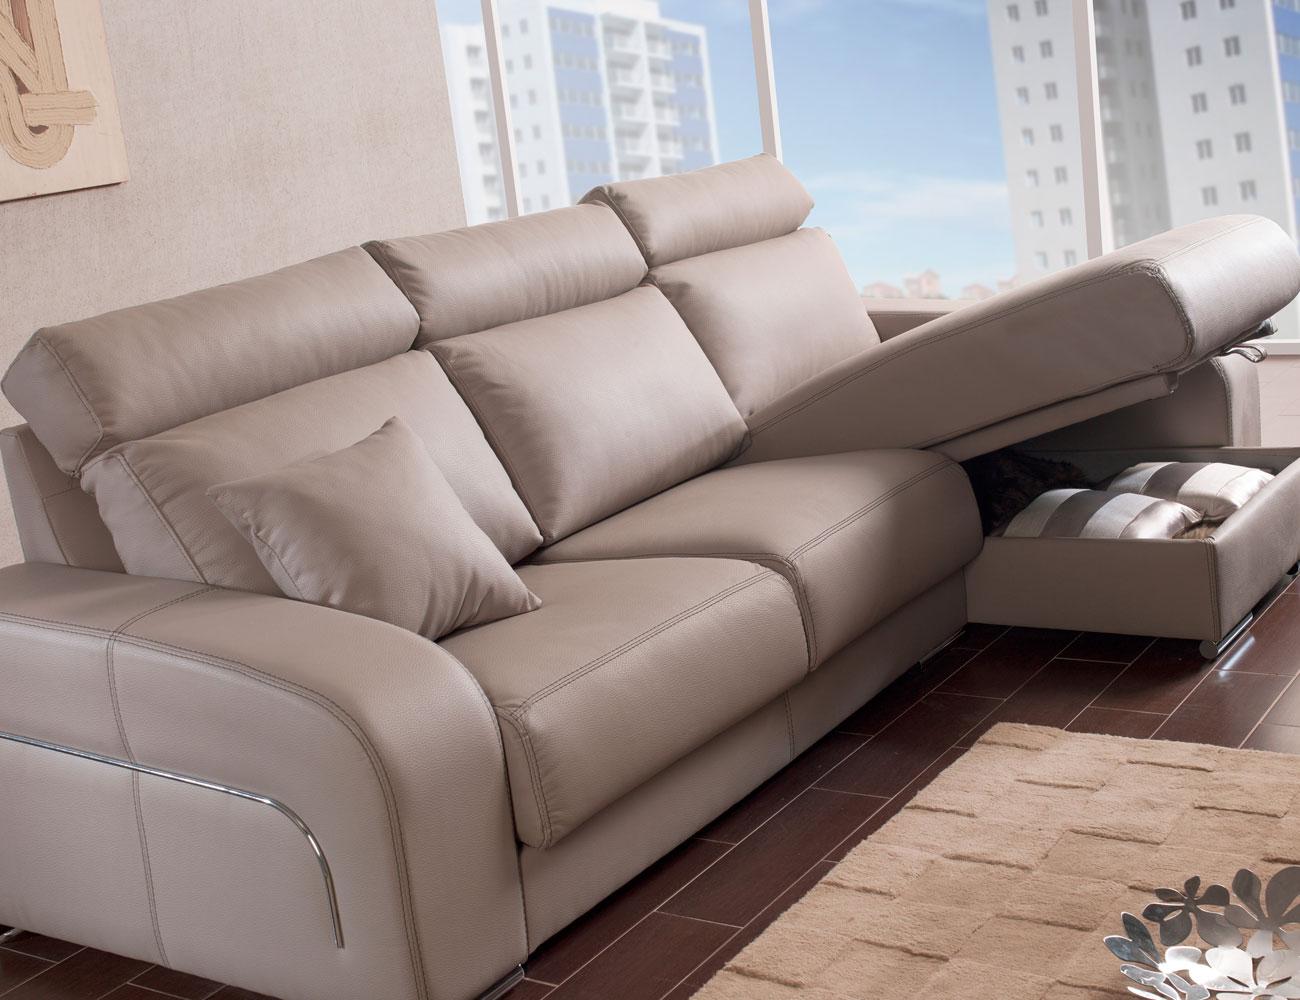 Sofa chaiselongue moderno pared cero arcon41